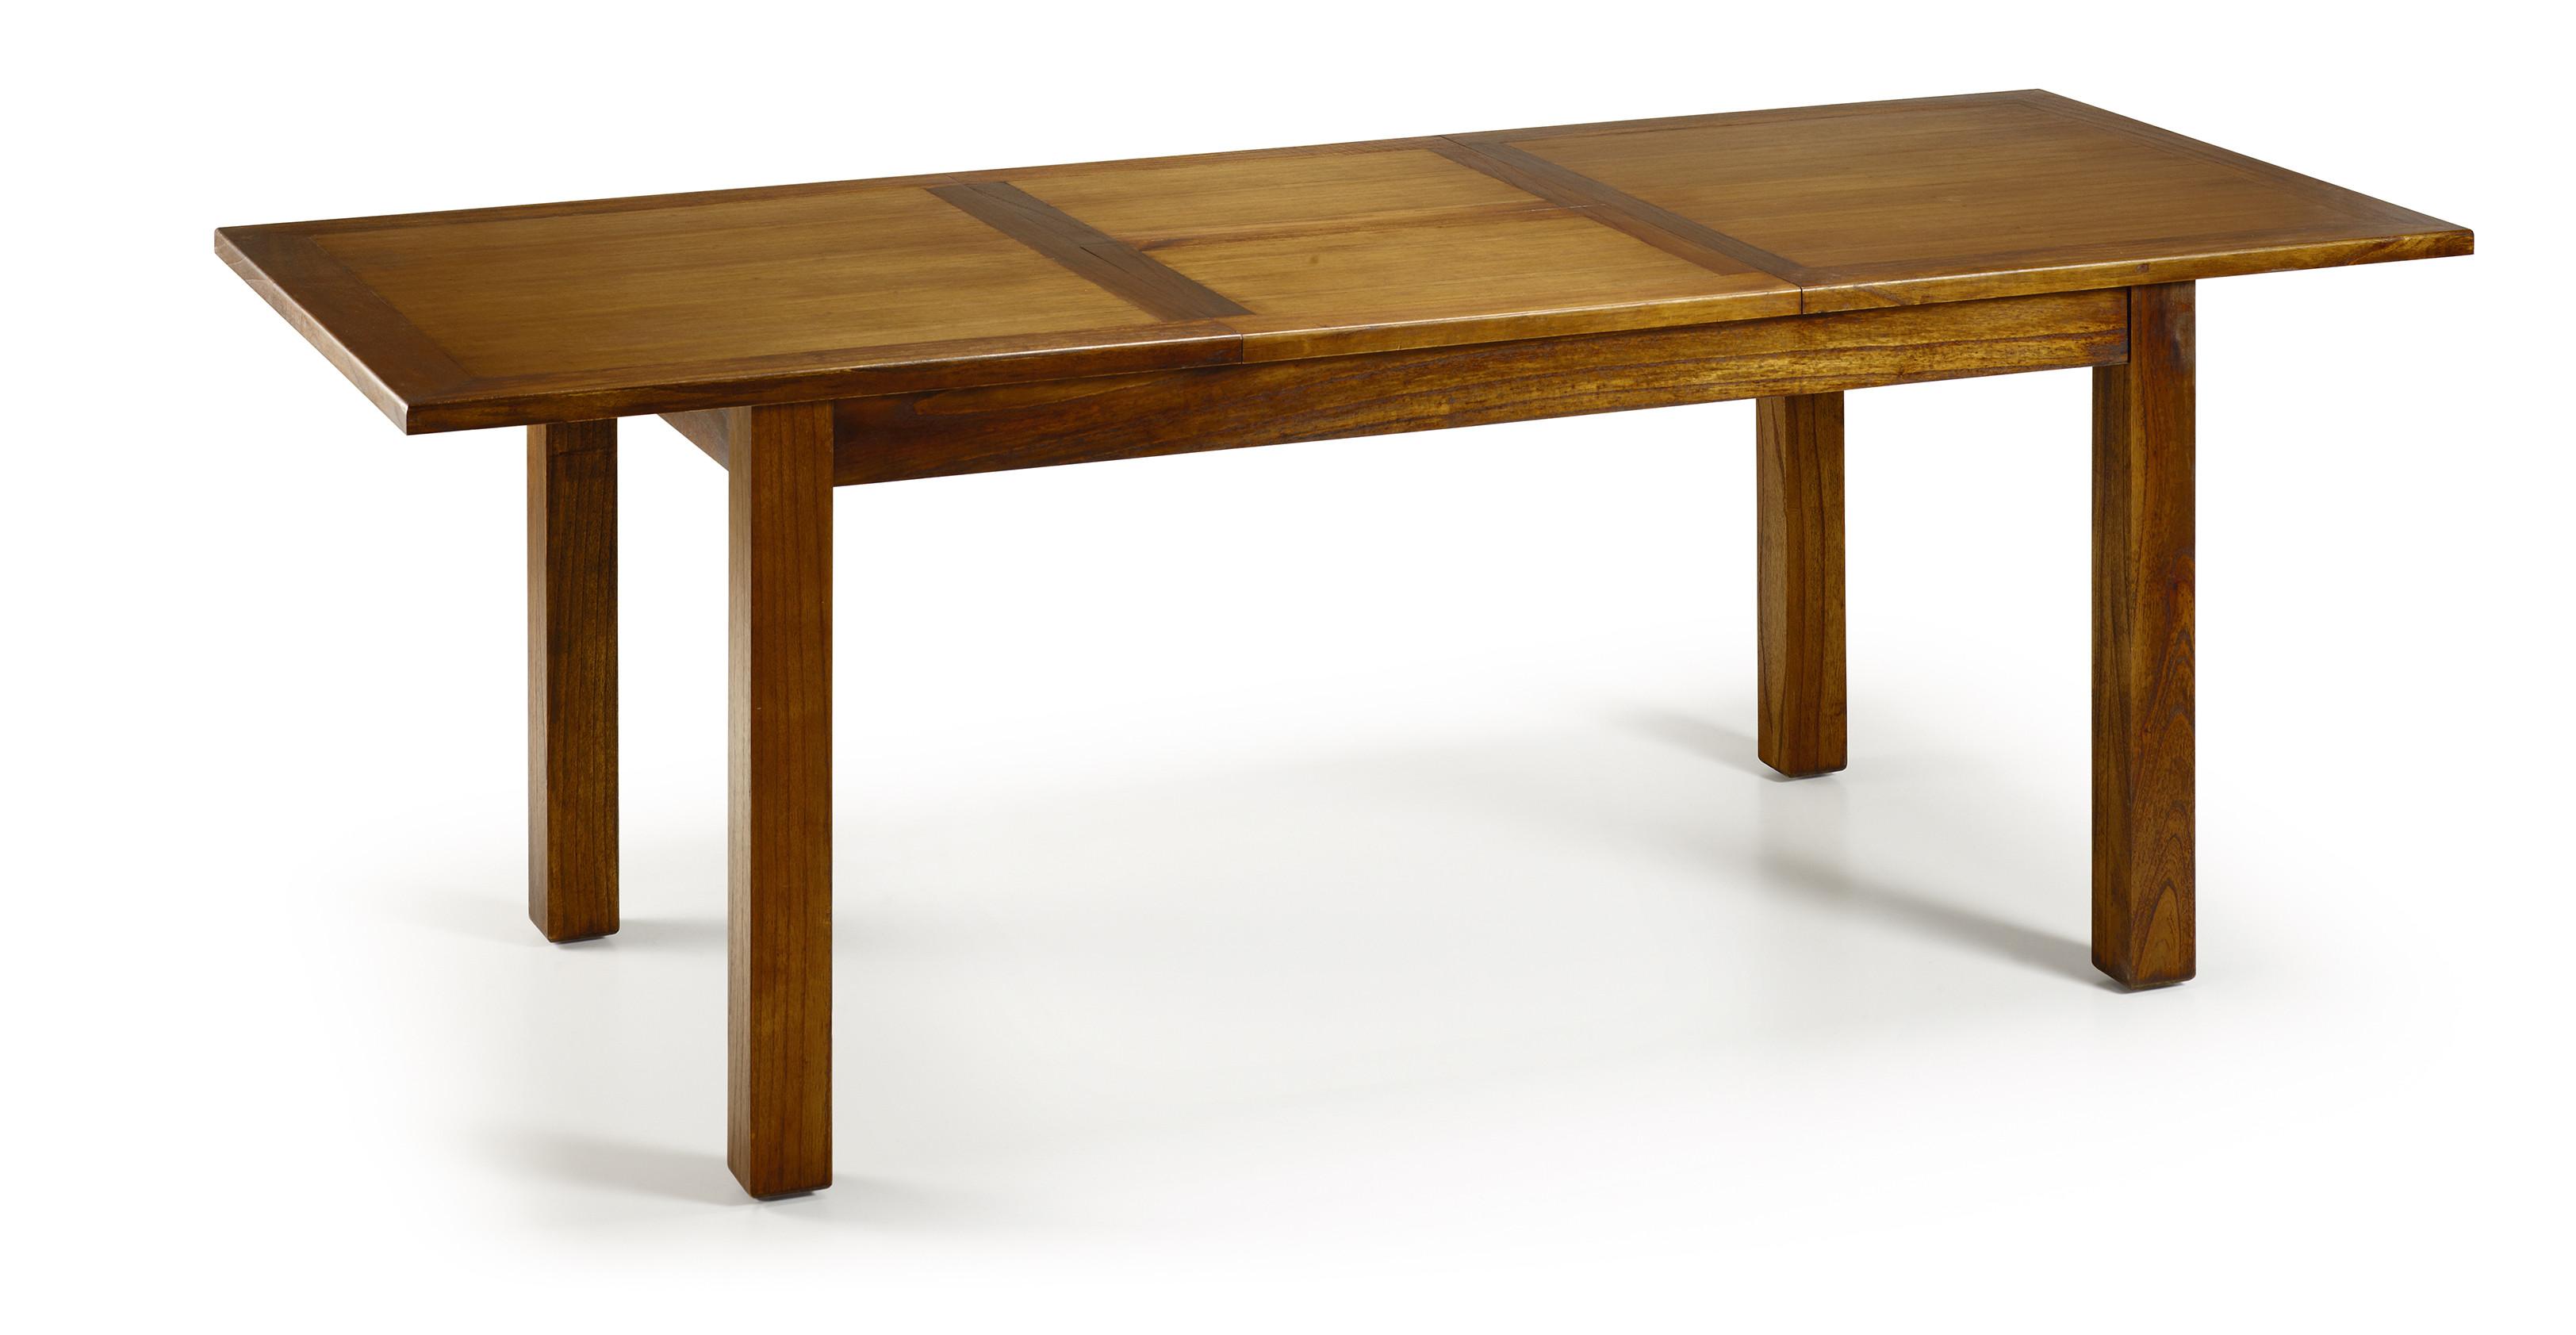 Table de salle manger en bois de mindi extensible 150 - Salle a manger en bois ...